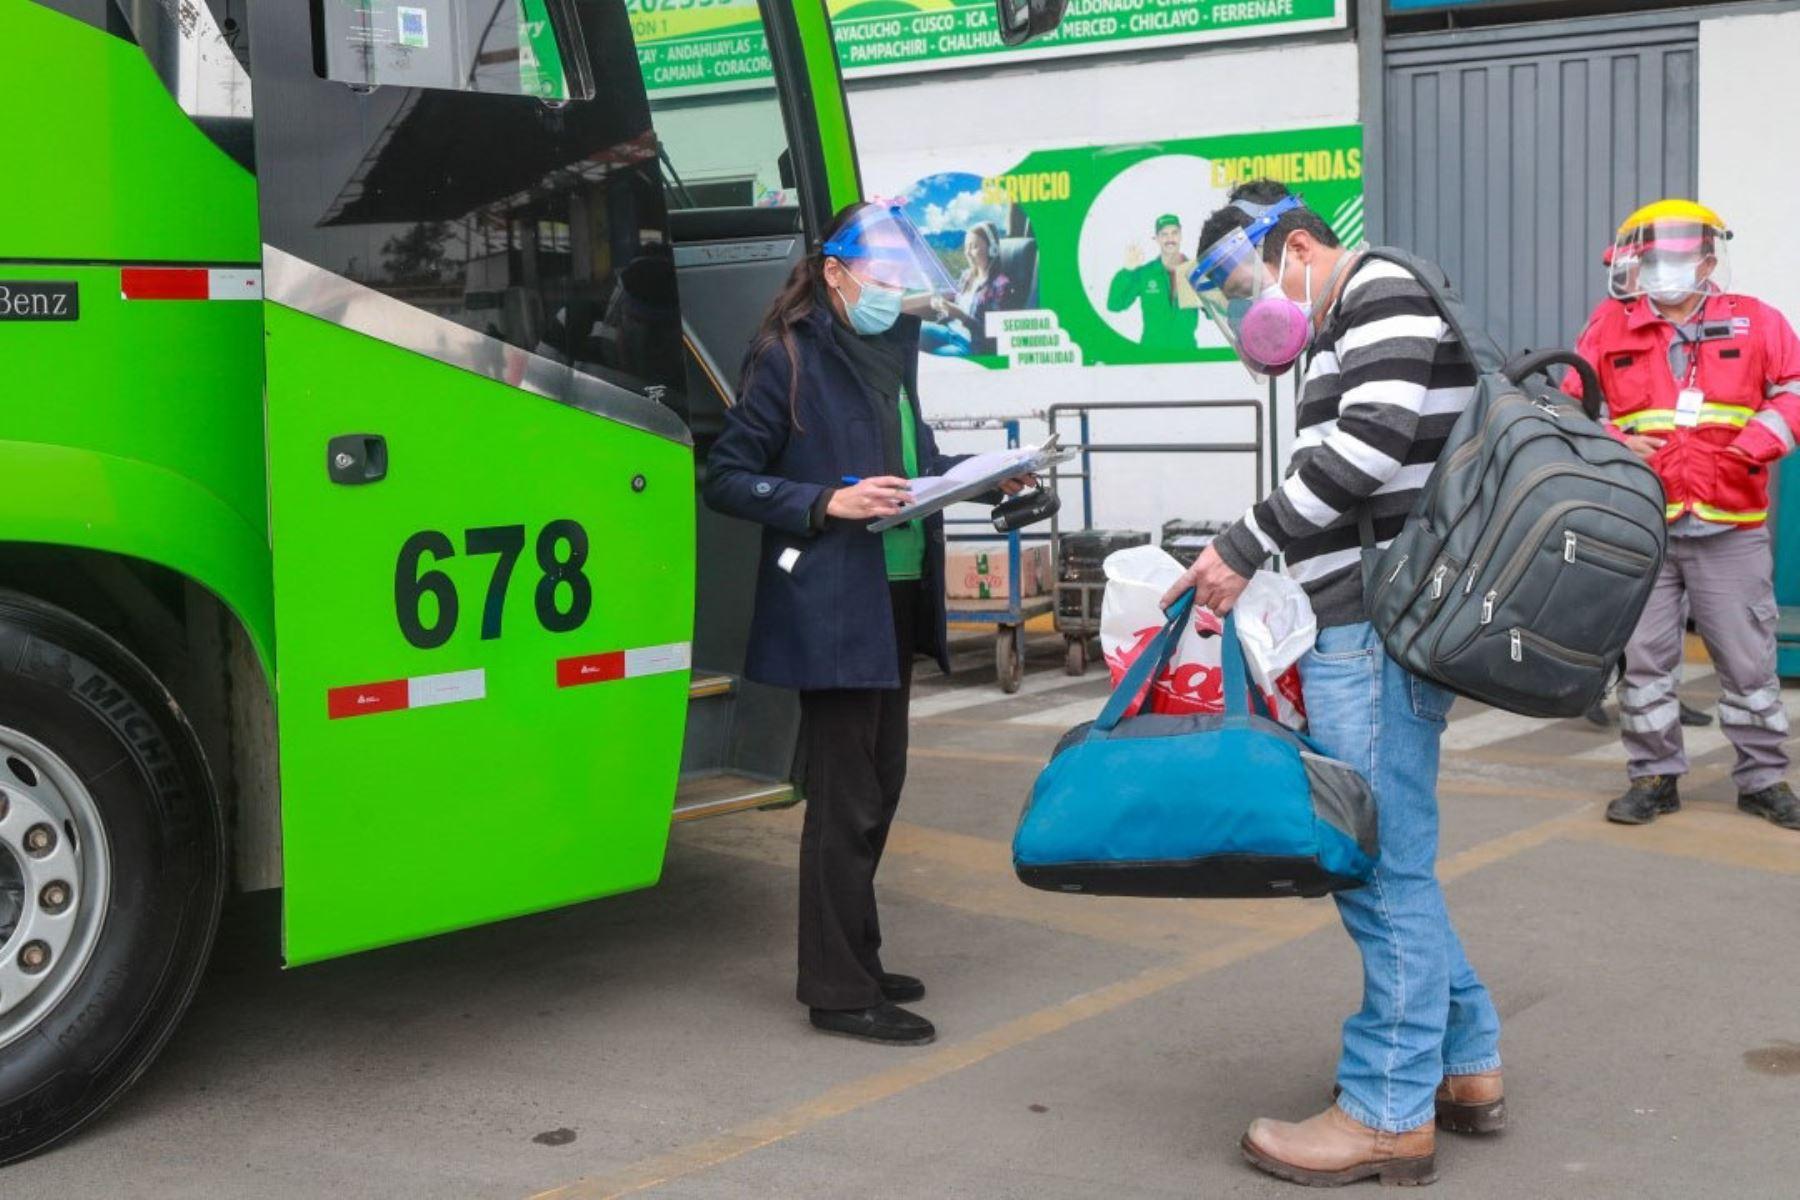 A partir del 1 de marzo el transporte interprovincial terrestre de pasajeros se reanudará en las 24 provincias con nivel de alerta sanitaria extremo, aunque el aforo permitido será del 50 % al 100 % regulado por el Ministerio de Transportes y Comunicaciones (MTC). Foto: ANDINA/difusión.